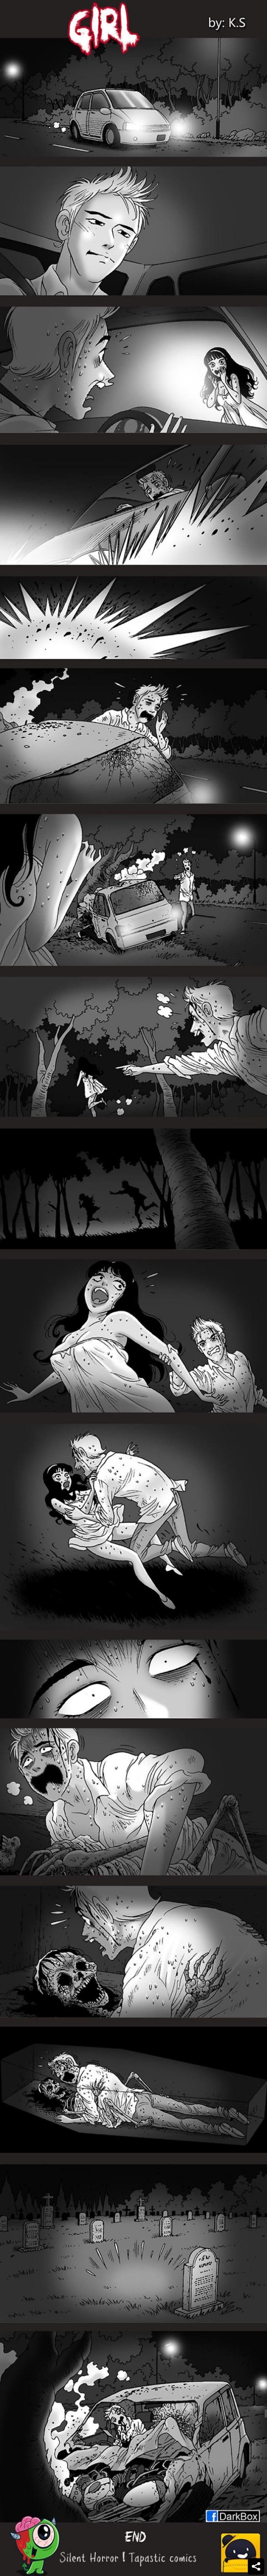 comic de terror mujer de blanco